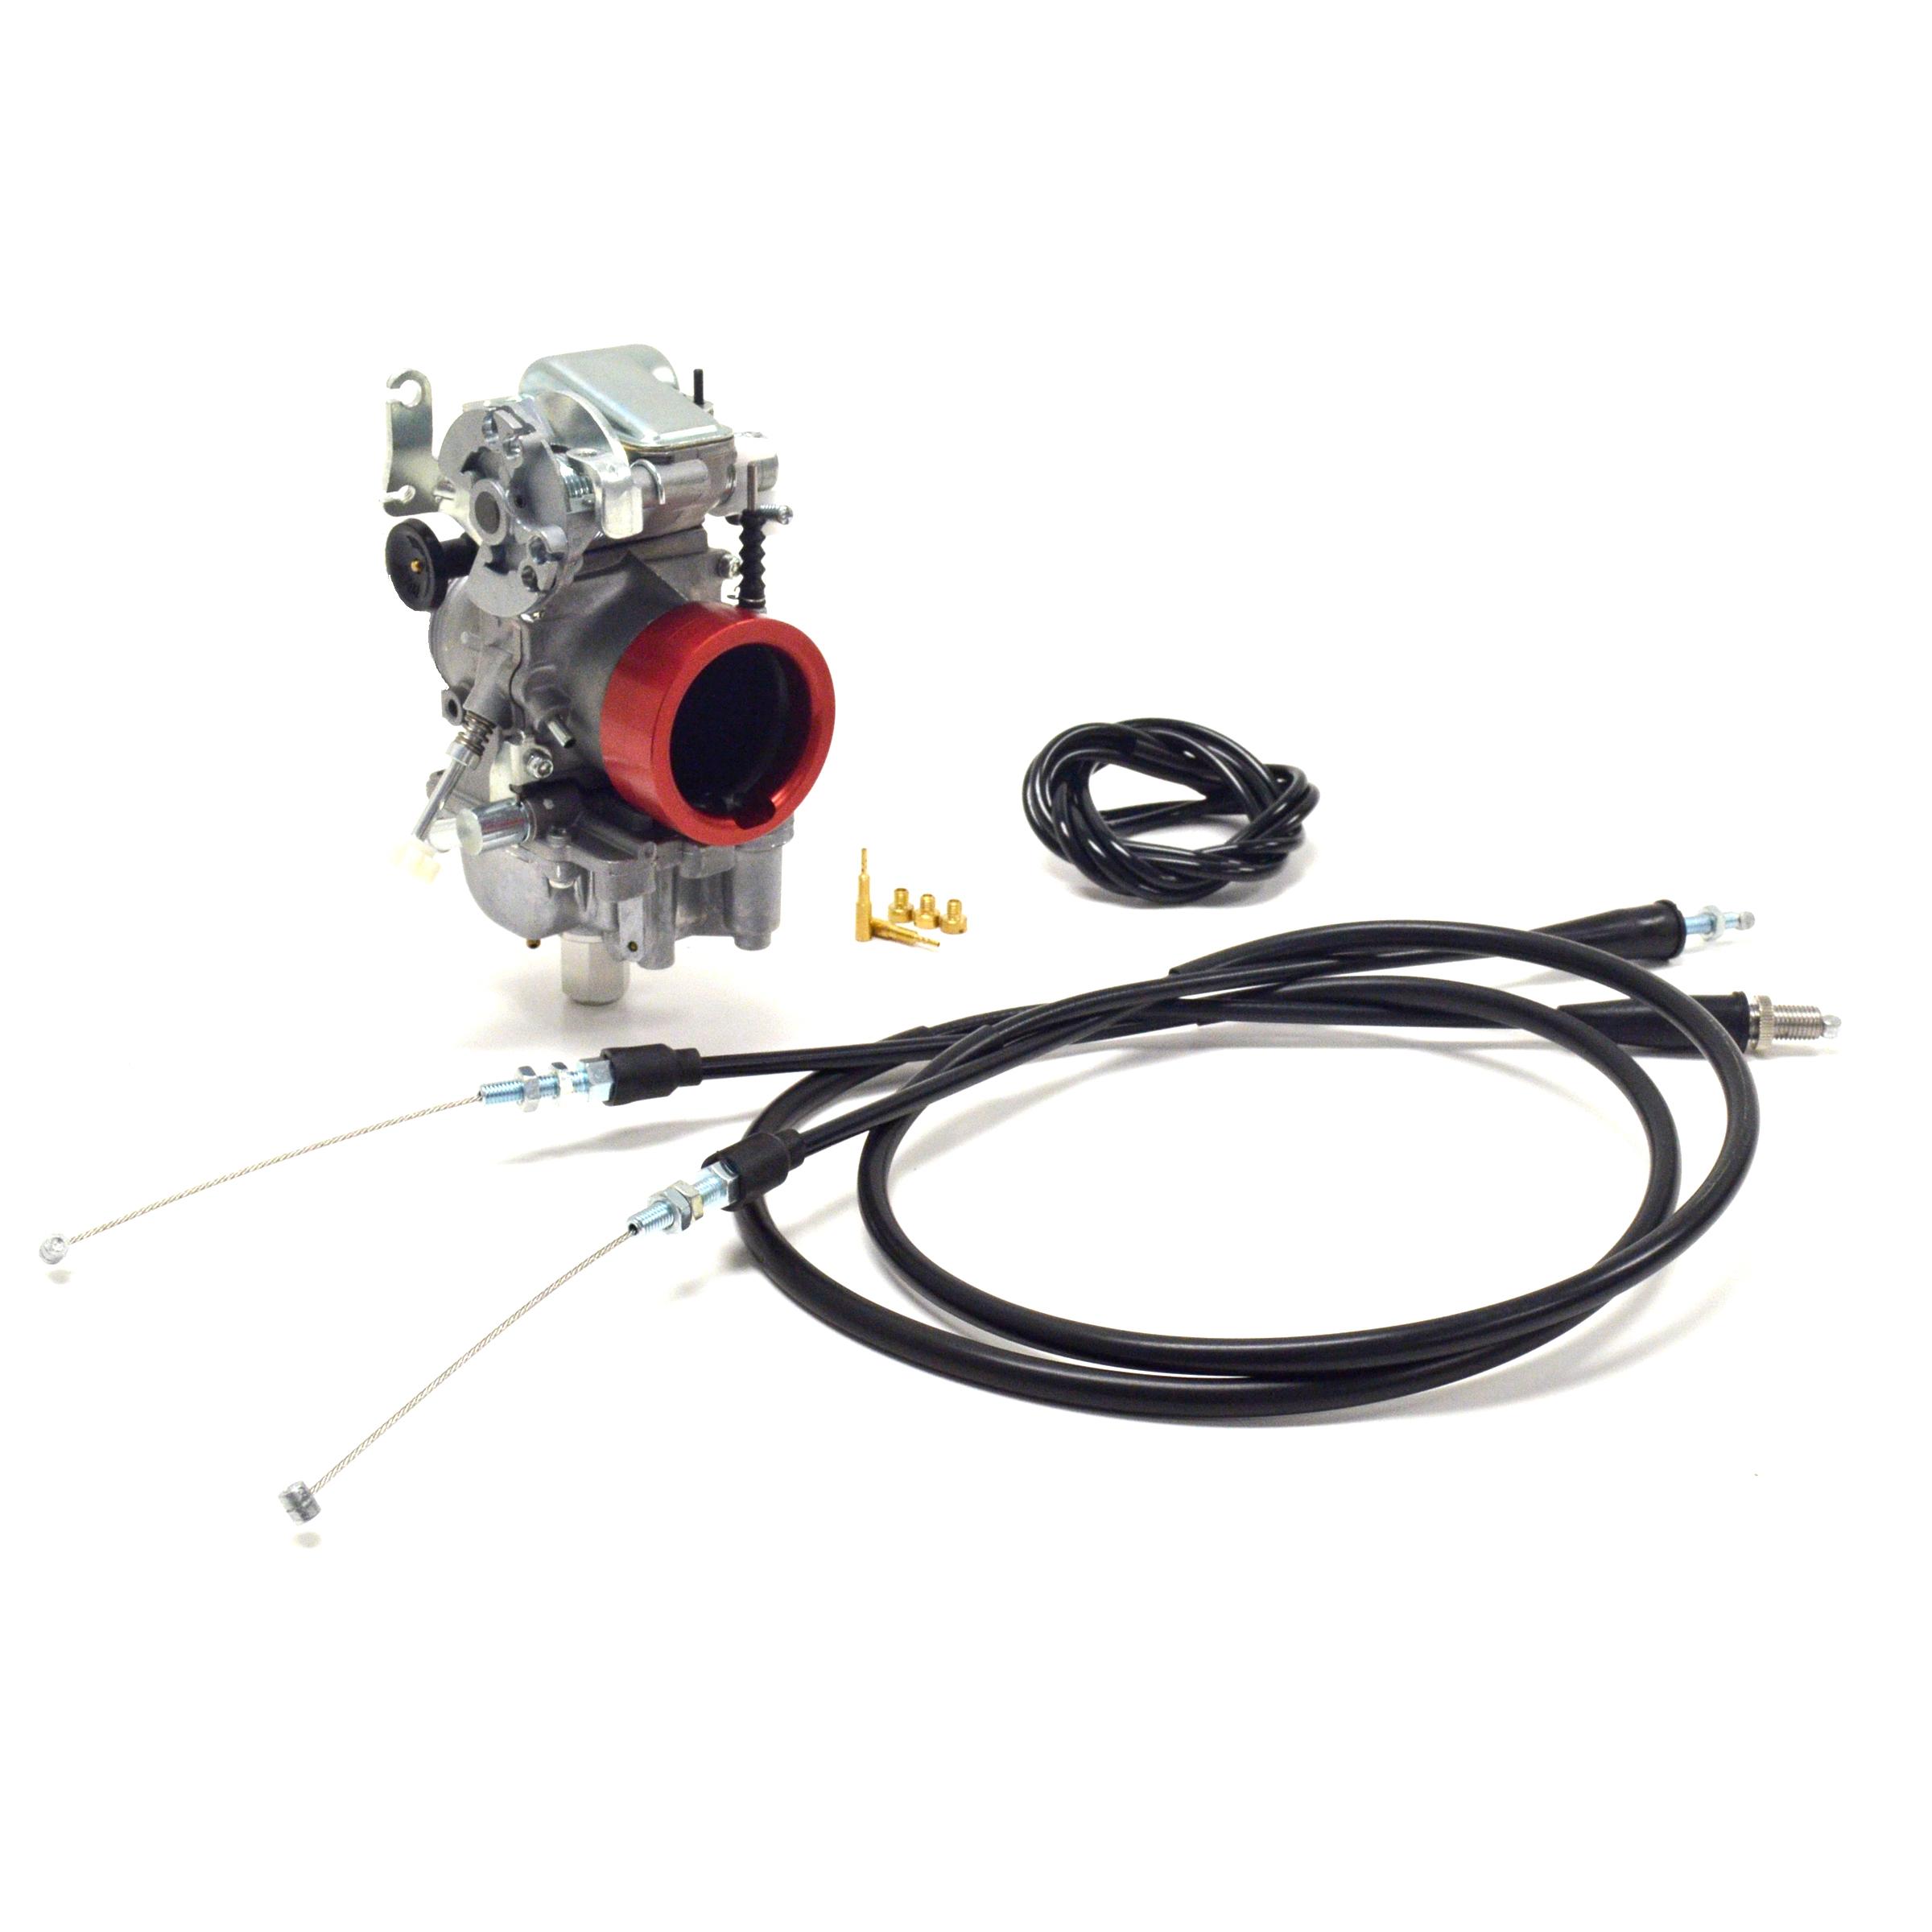 Honda Xr400 R Mikuni Tm36 68 Pumper Performance Carburetor